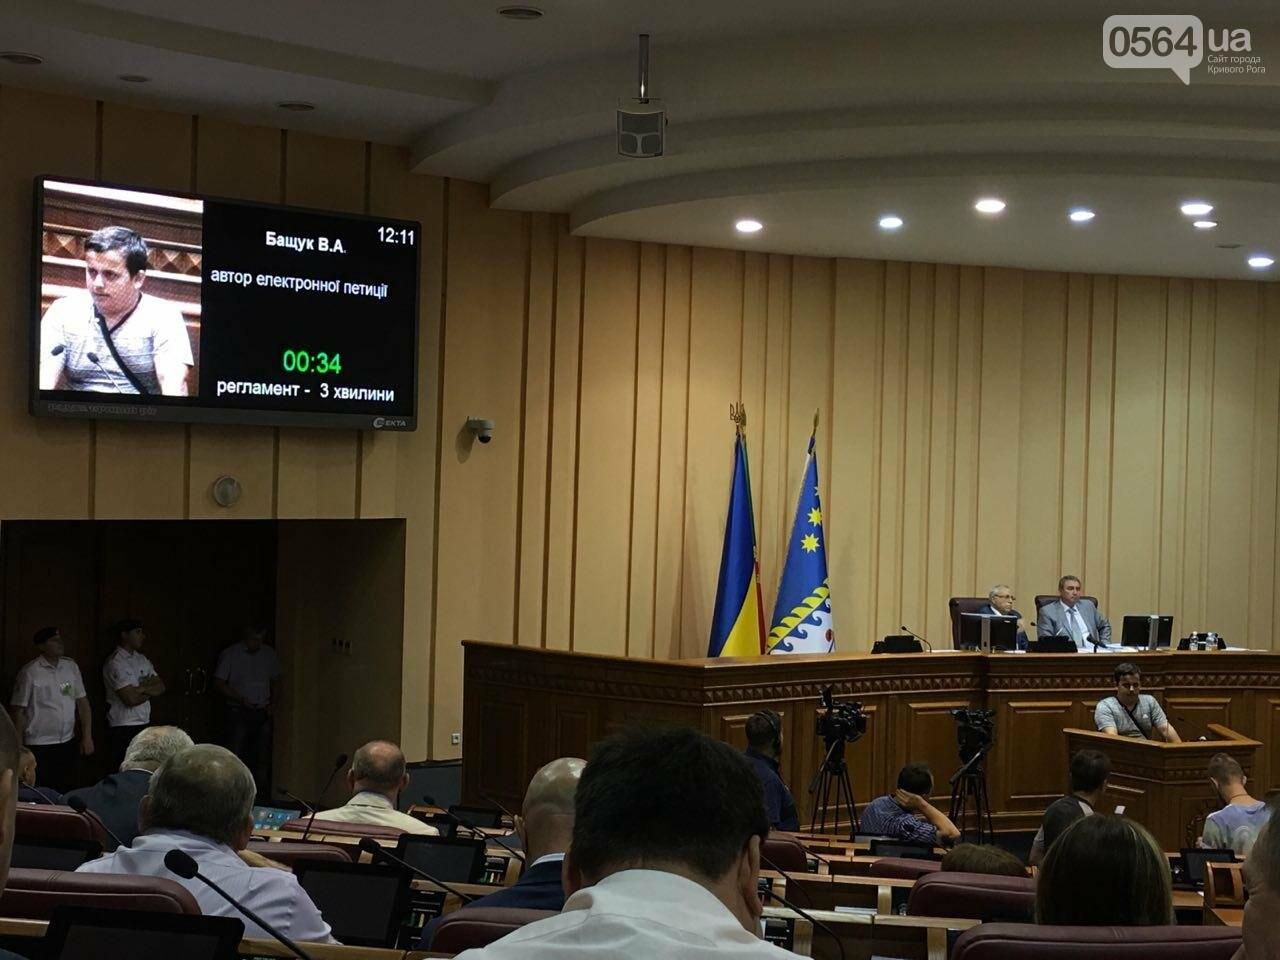 Тариф в маршрутках Кривого Рога  не снизится - депутаты рассмотрели петицию, - ФОТО, фото-4